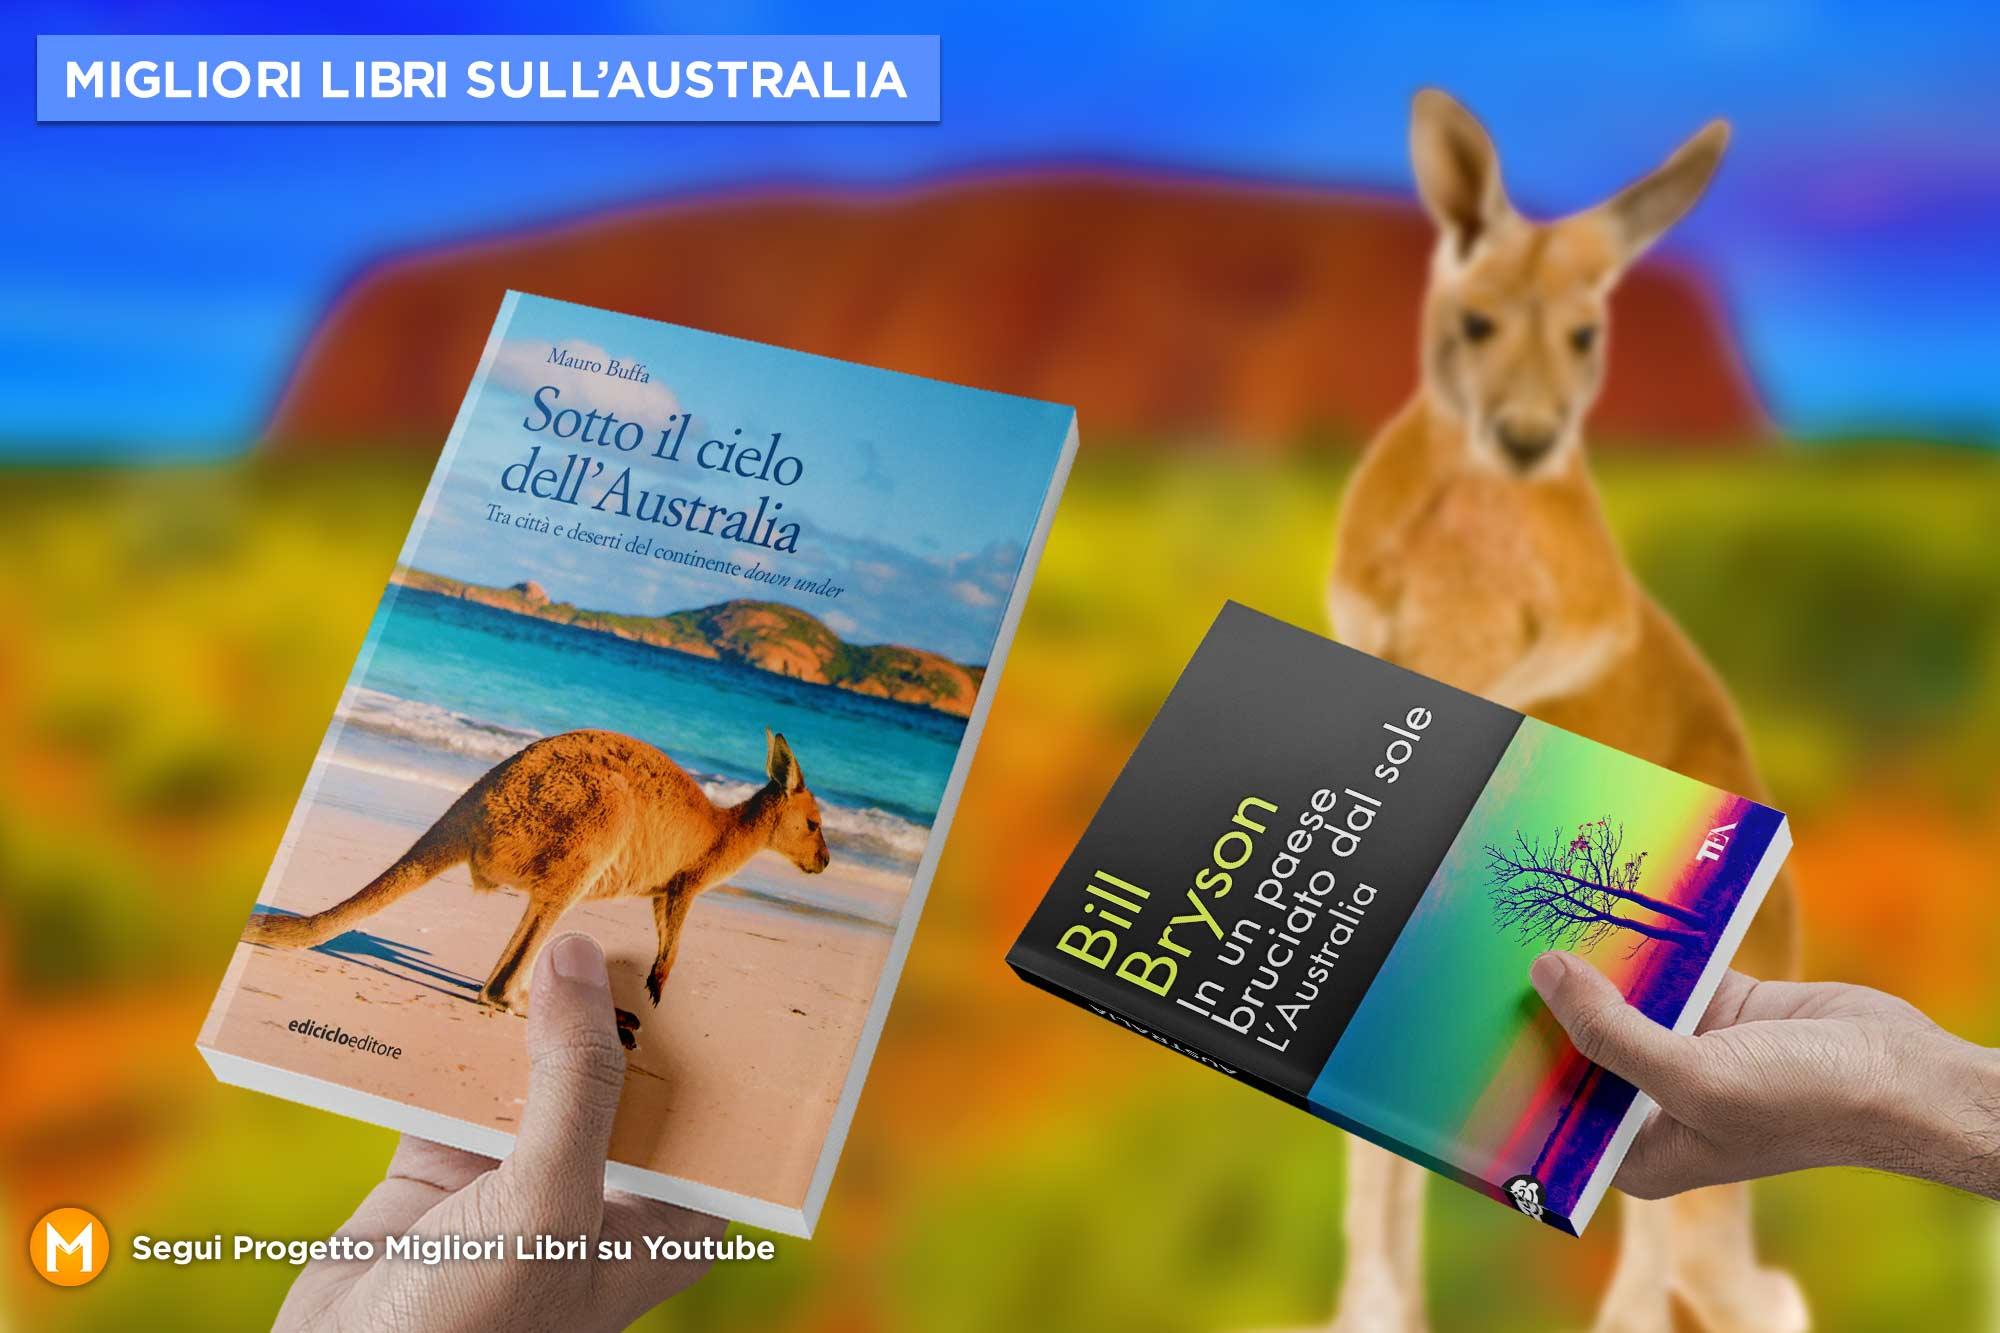 migliori-libri-sull'australia